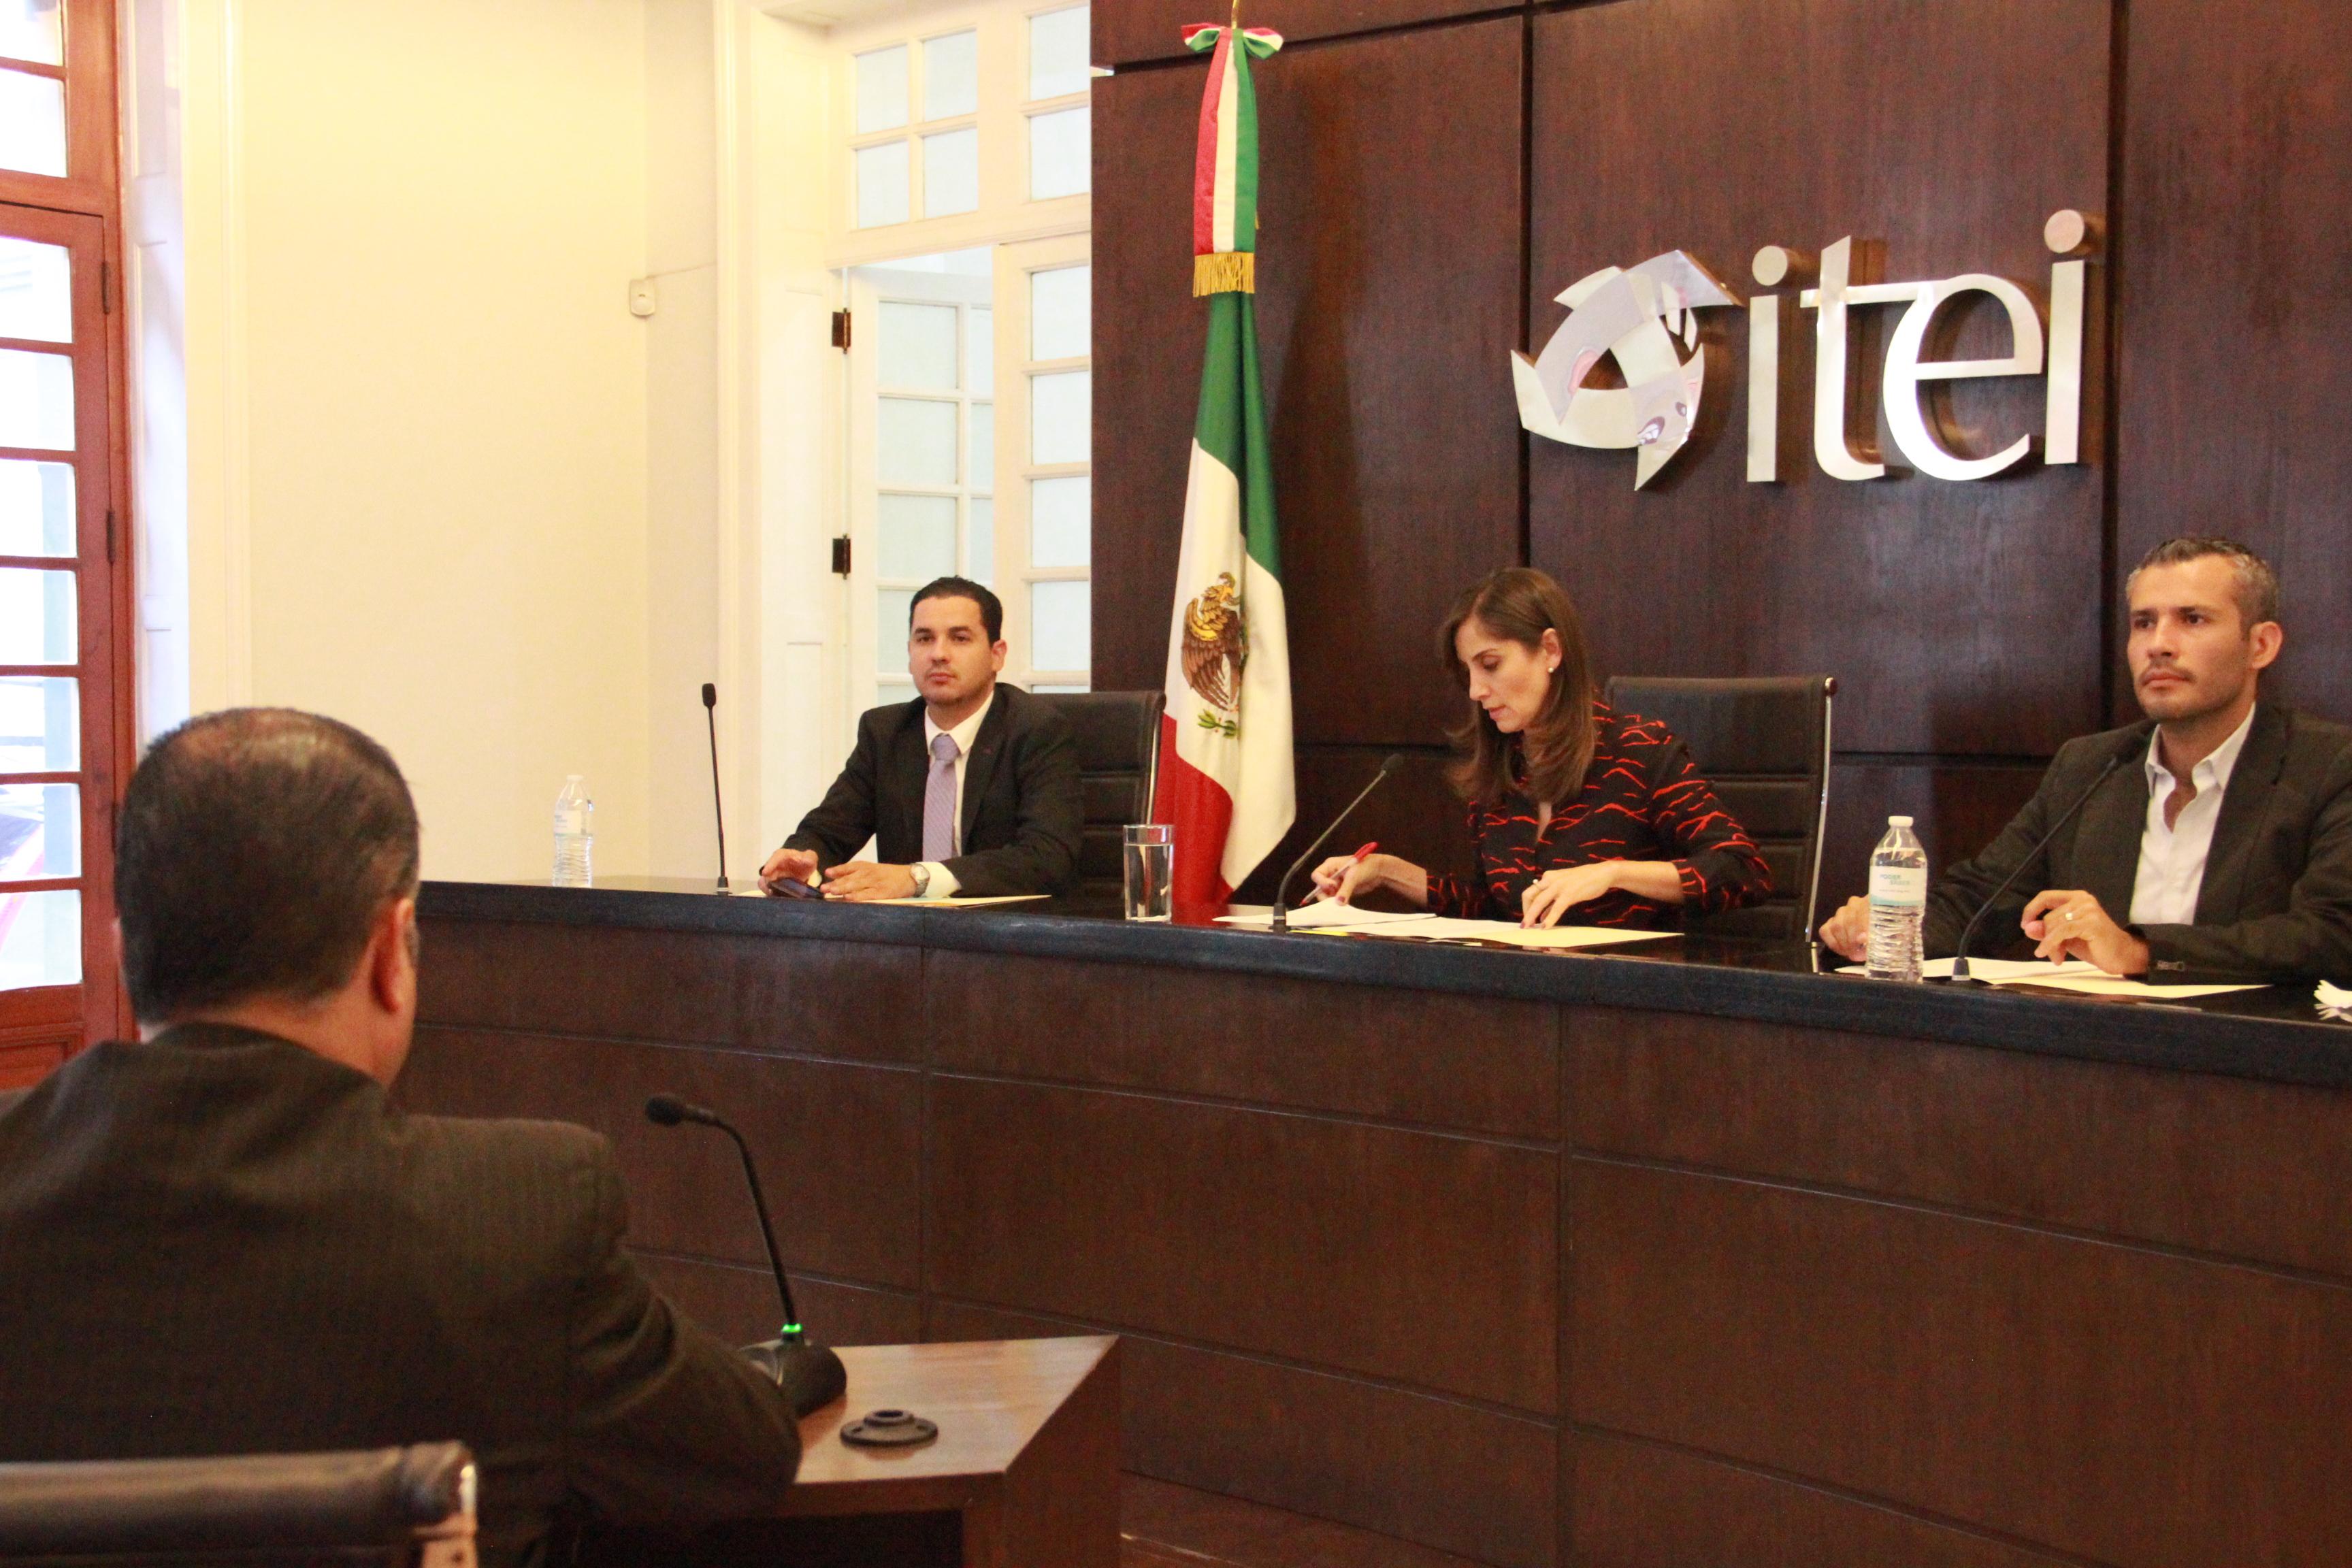 ITEI pedirá aumento de presupuesto por incremento de funciones y actividades